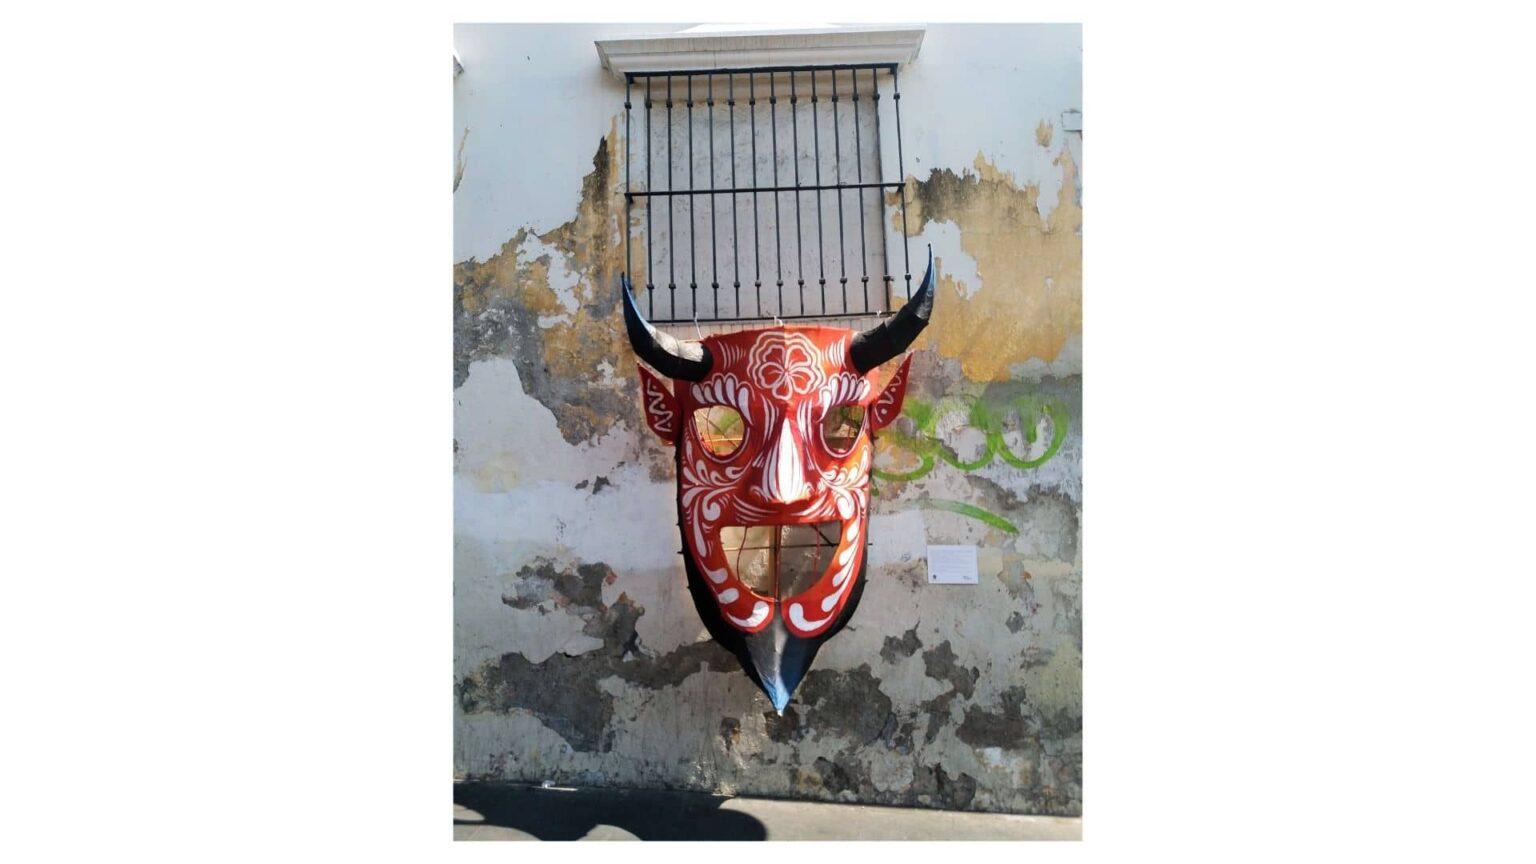 galerie photos voyage Mexique , masque décoratif dans une rue de Cuernavaca